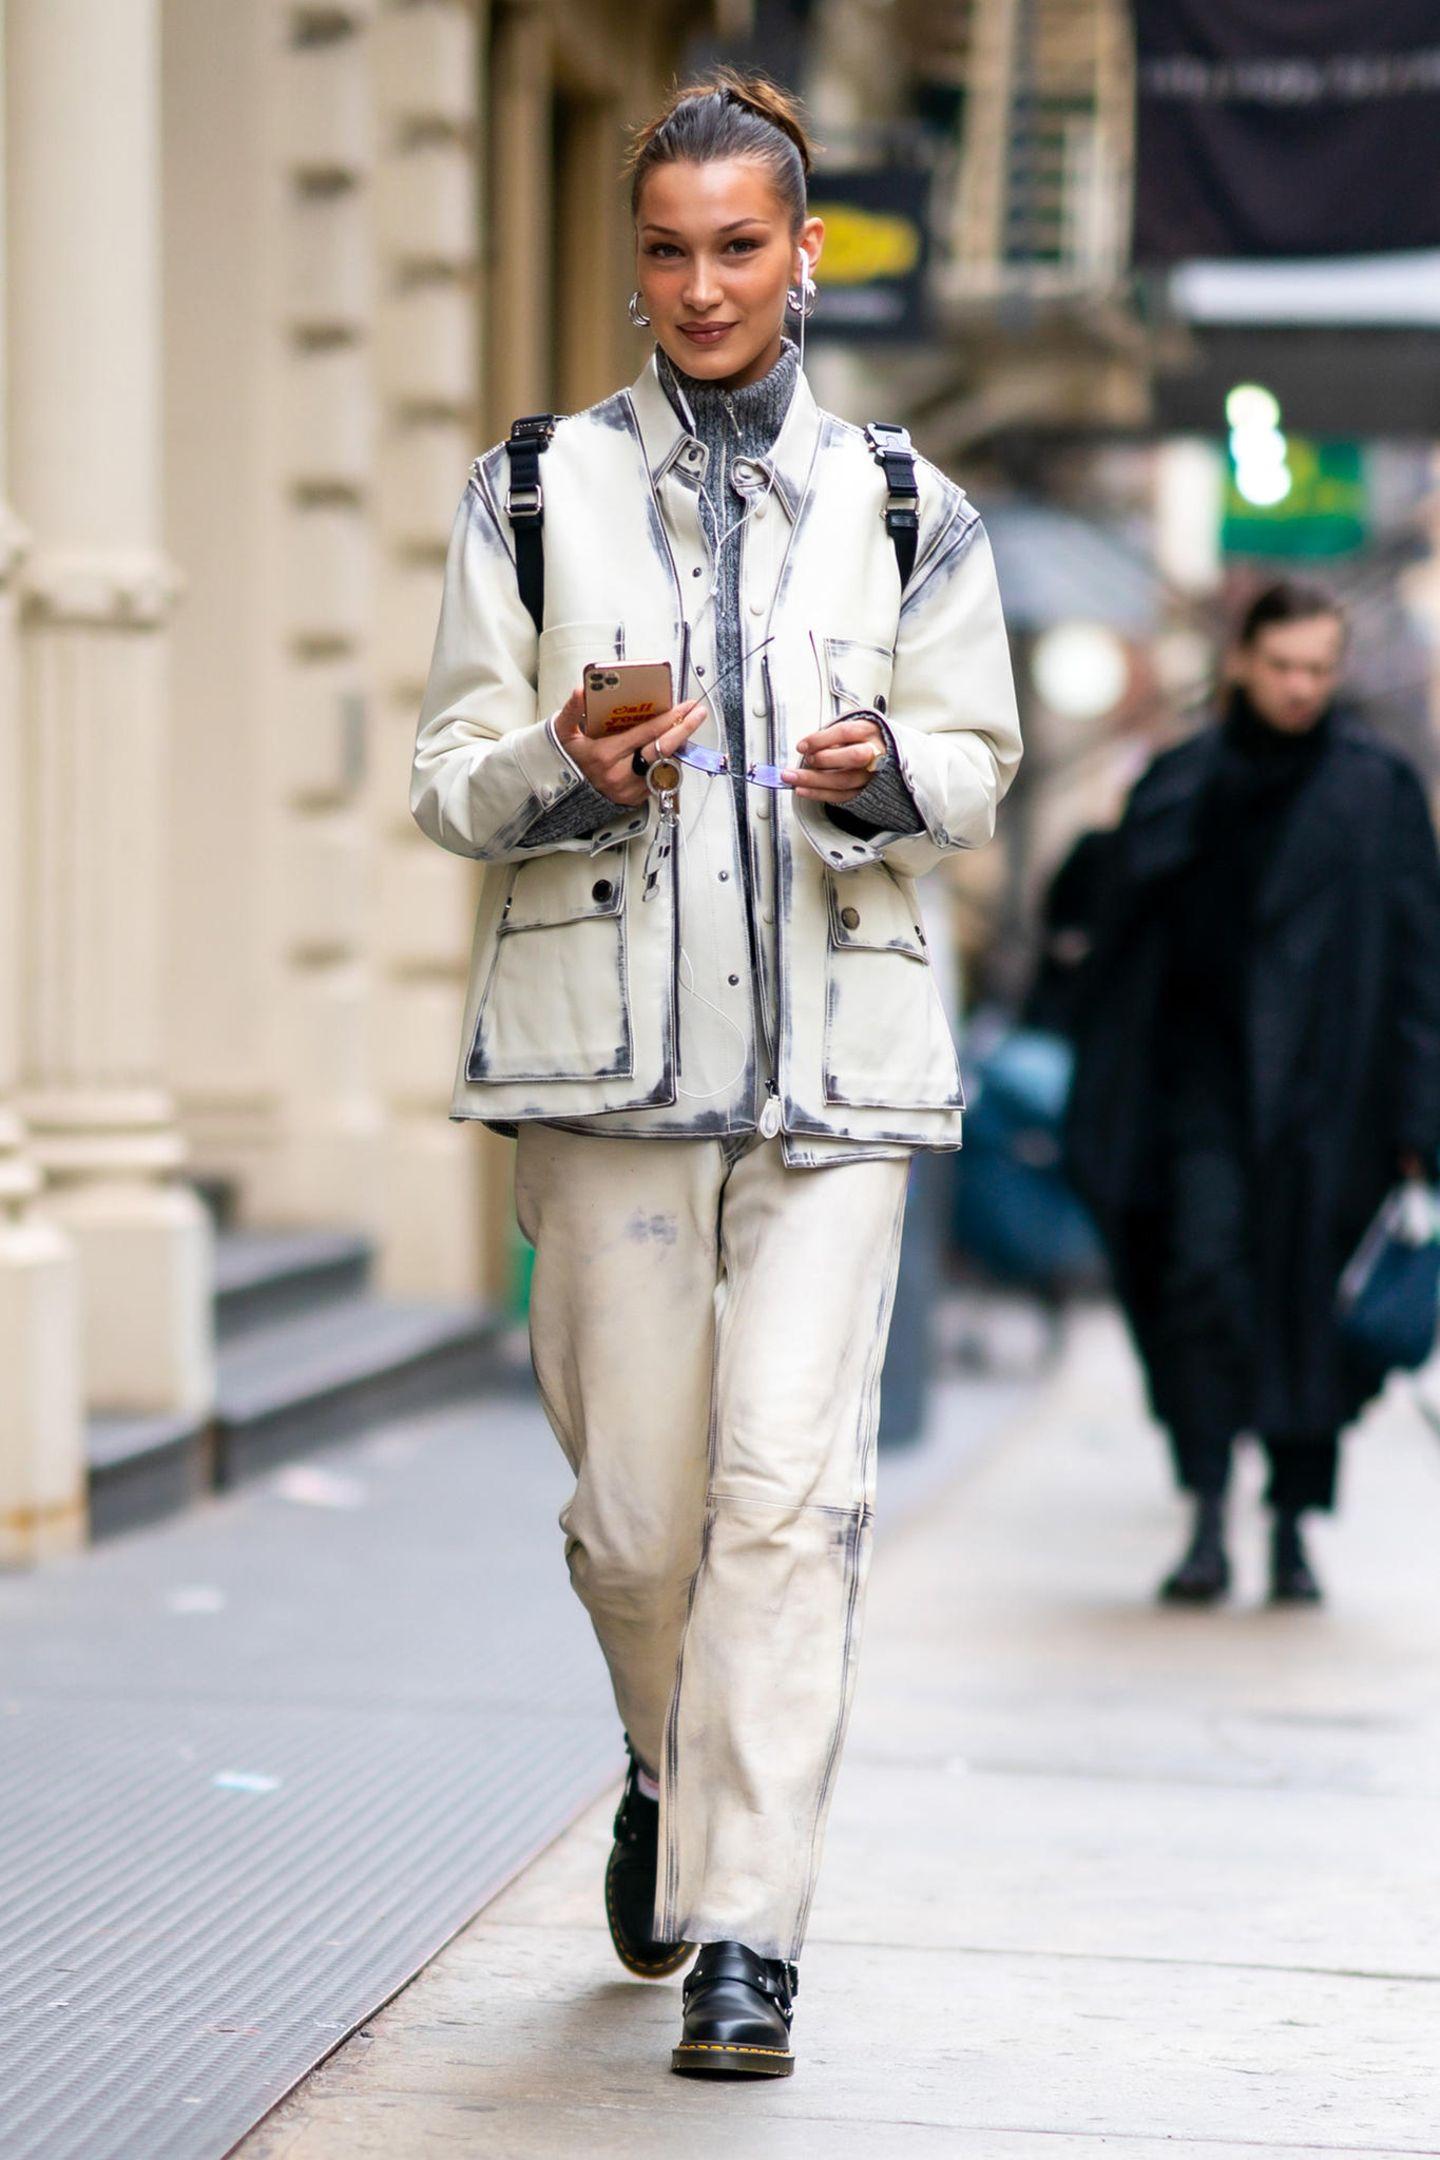 Ist das noch gar nicht fertig? Doch doch, dieser exzentrische Look von Bella Hadid soll genau so unfertig aussehen. Wer's tragen kann...